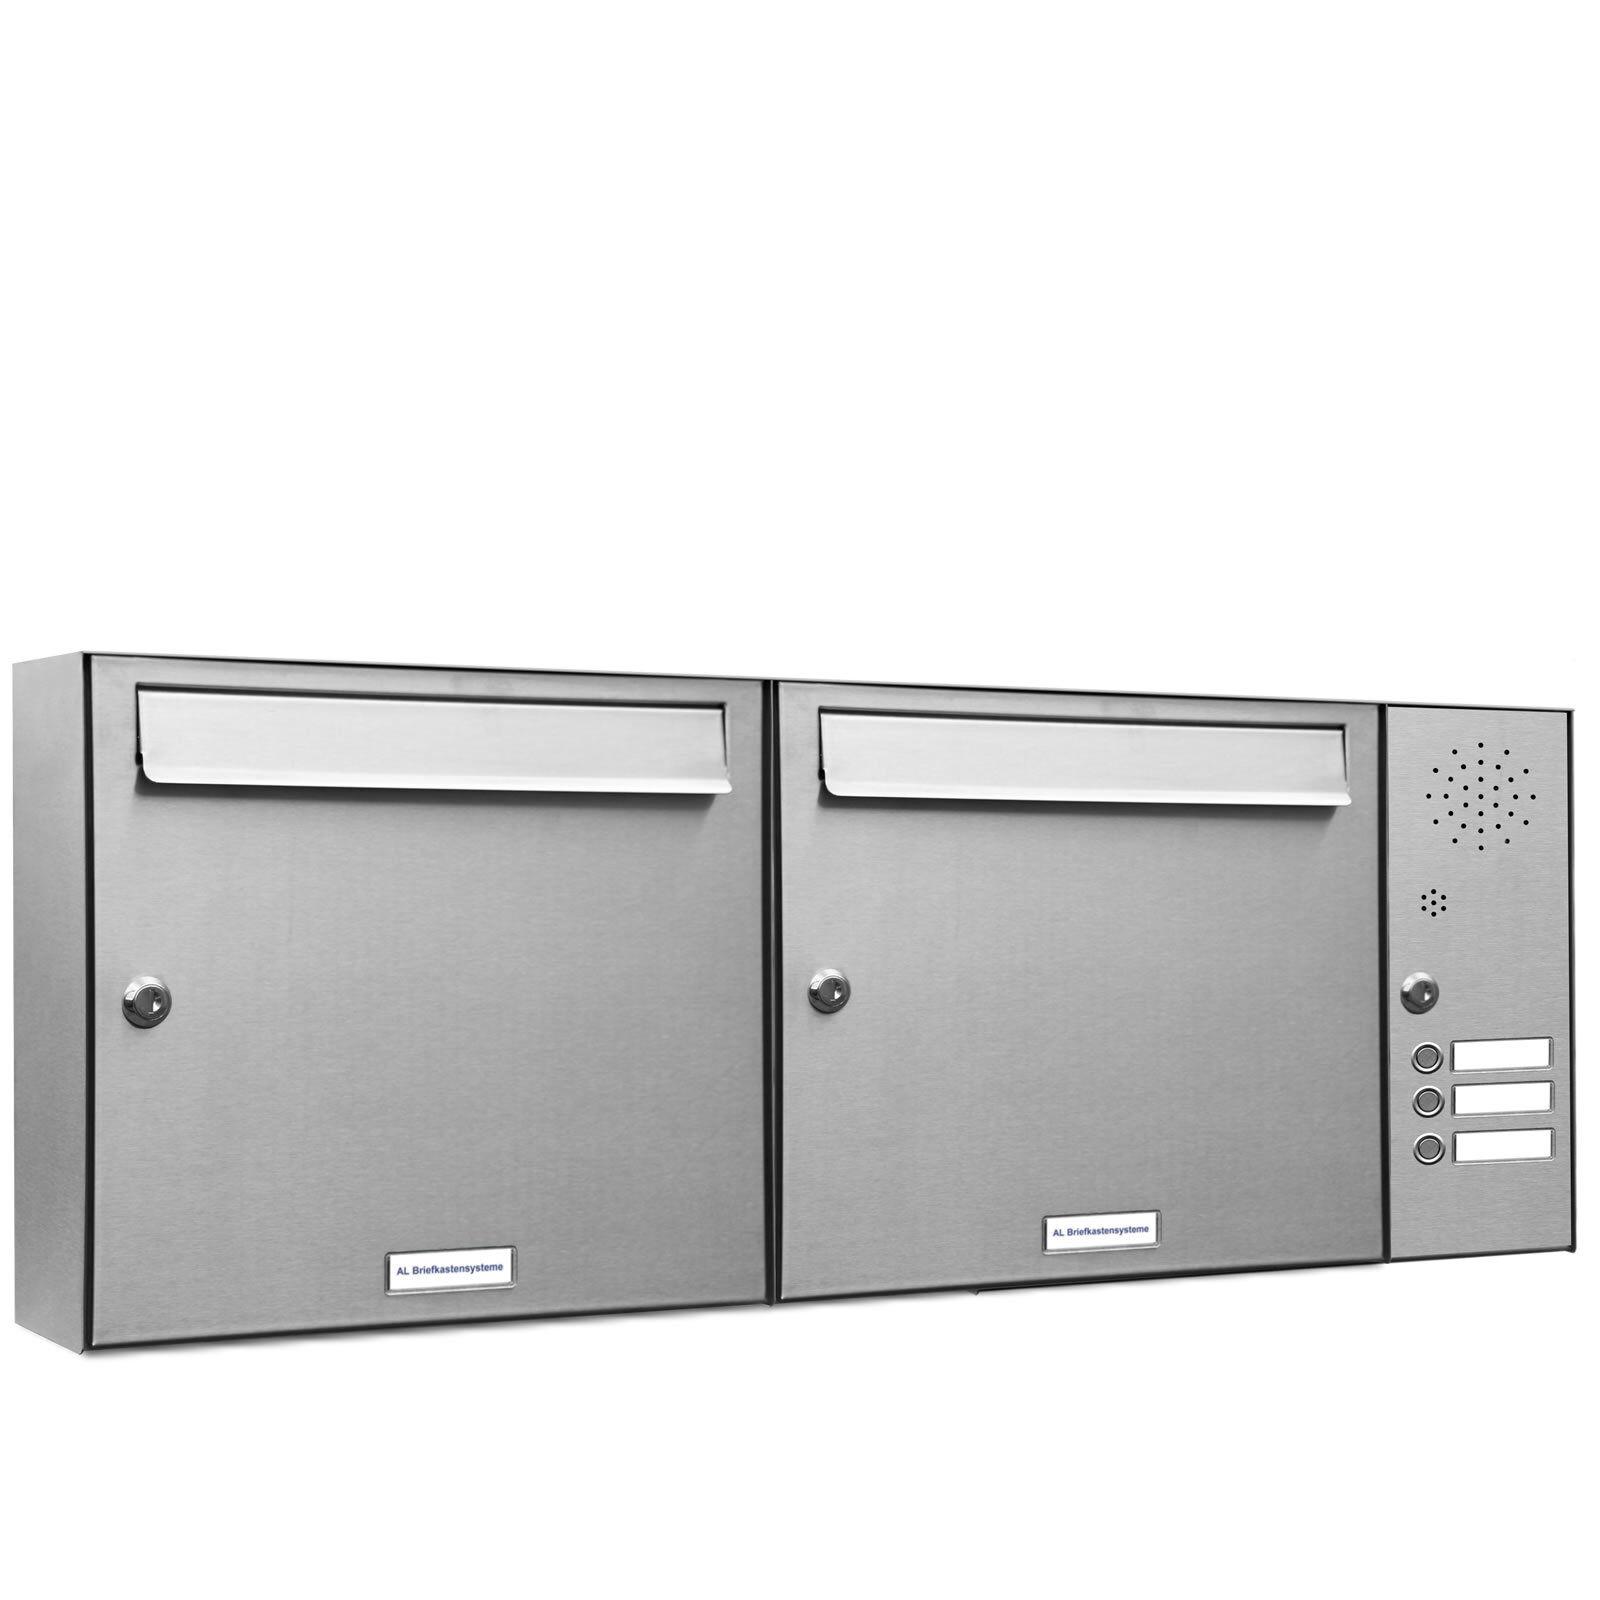 2 er Premium Edelstahl Fach Wand Briefkasten Anlage mit 3 Klingeln A4 Postkasten